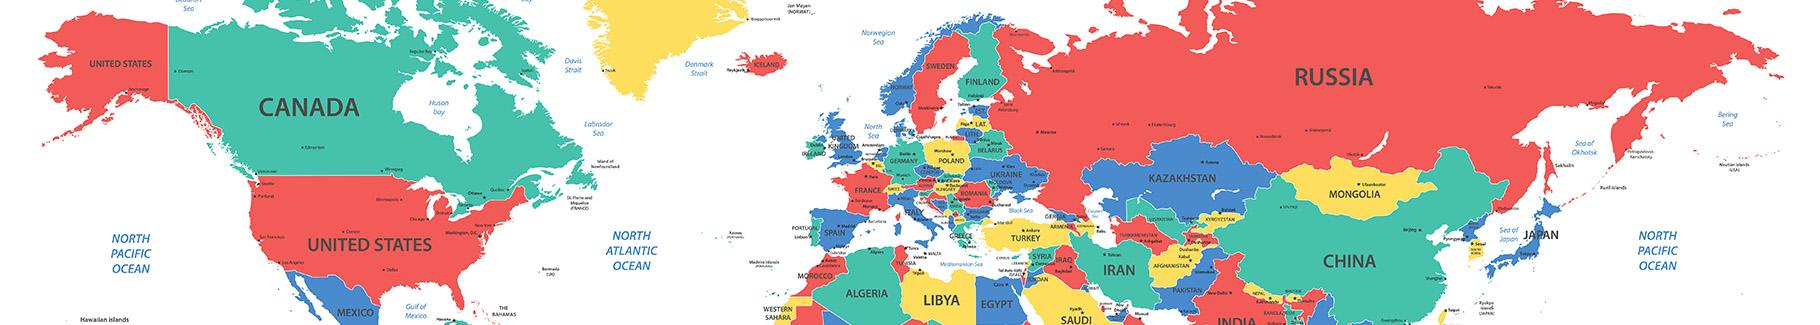 Fototapeta mapa polityczna kolorowa